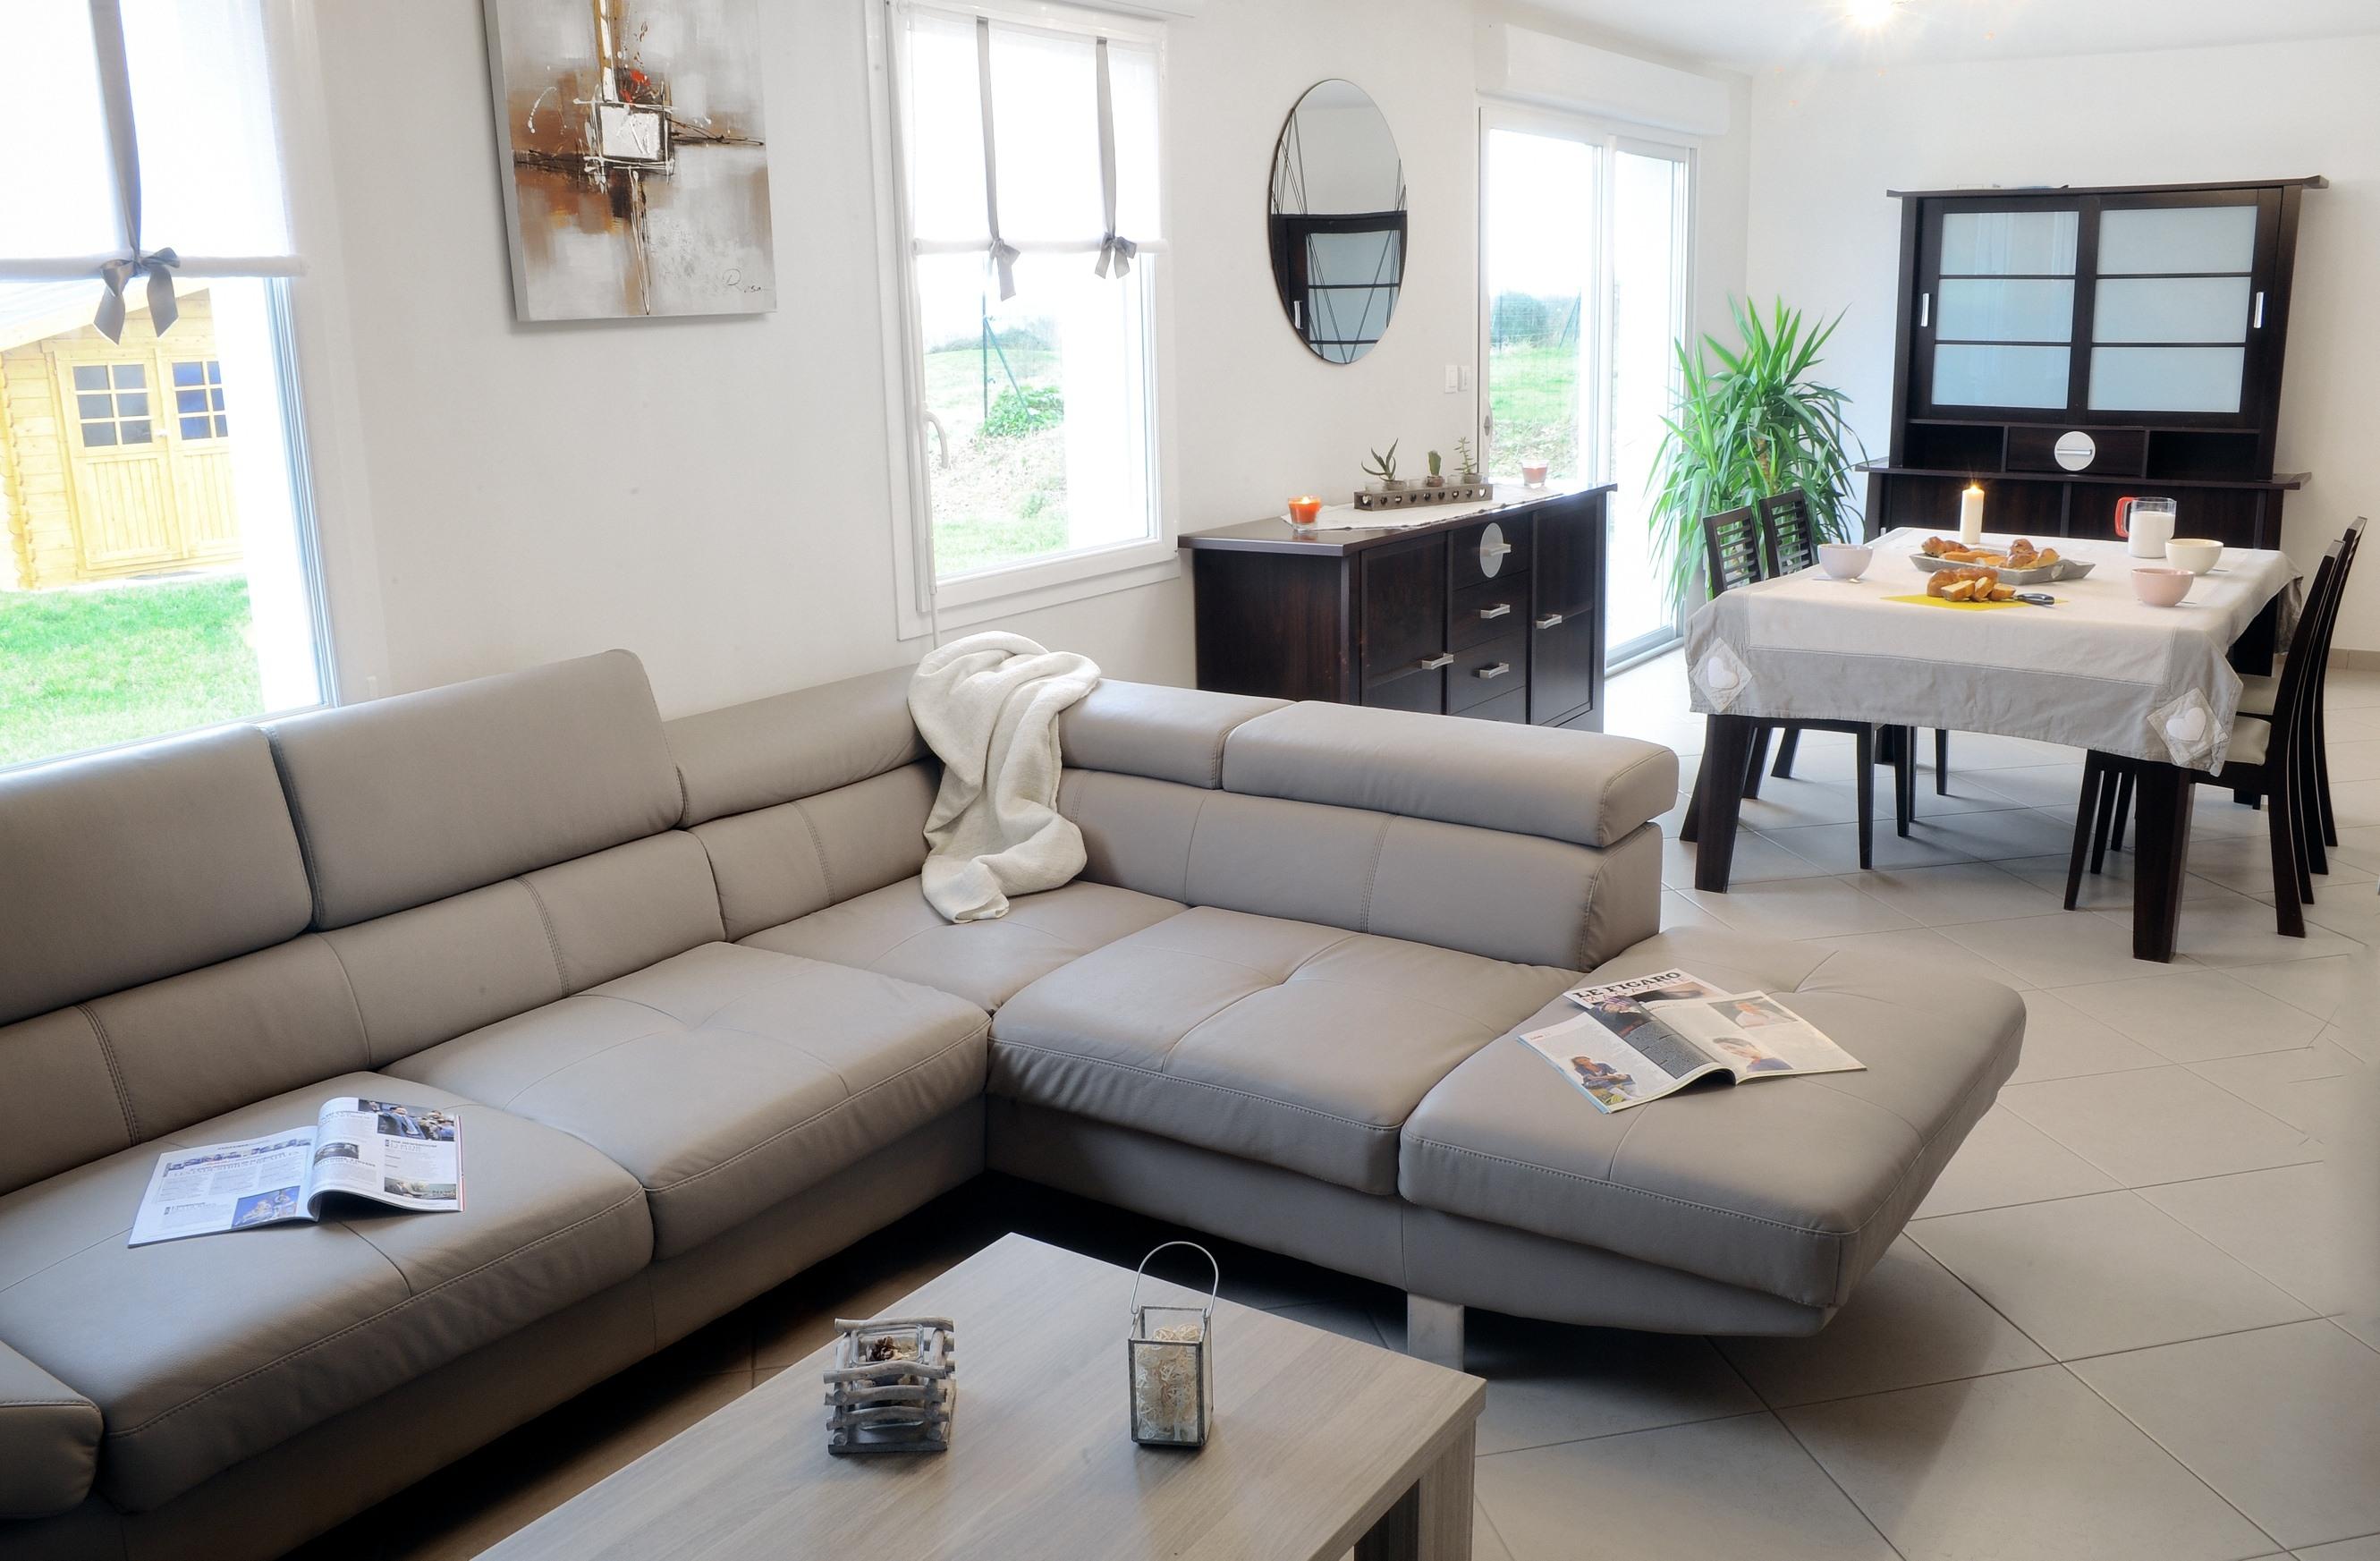 Maisons + Terrains du constructeur MAISONS PHENIX • 120 m² • TELOCHE